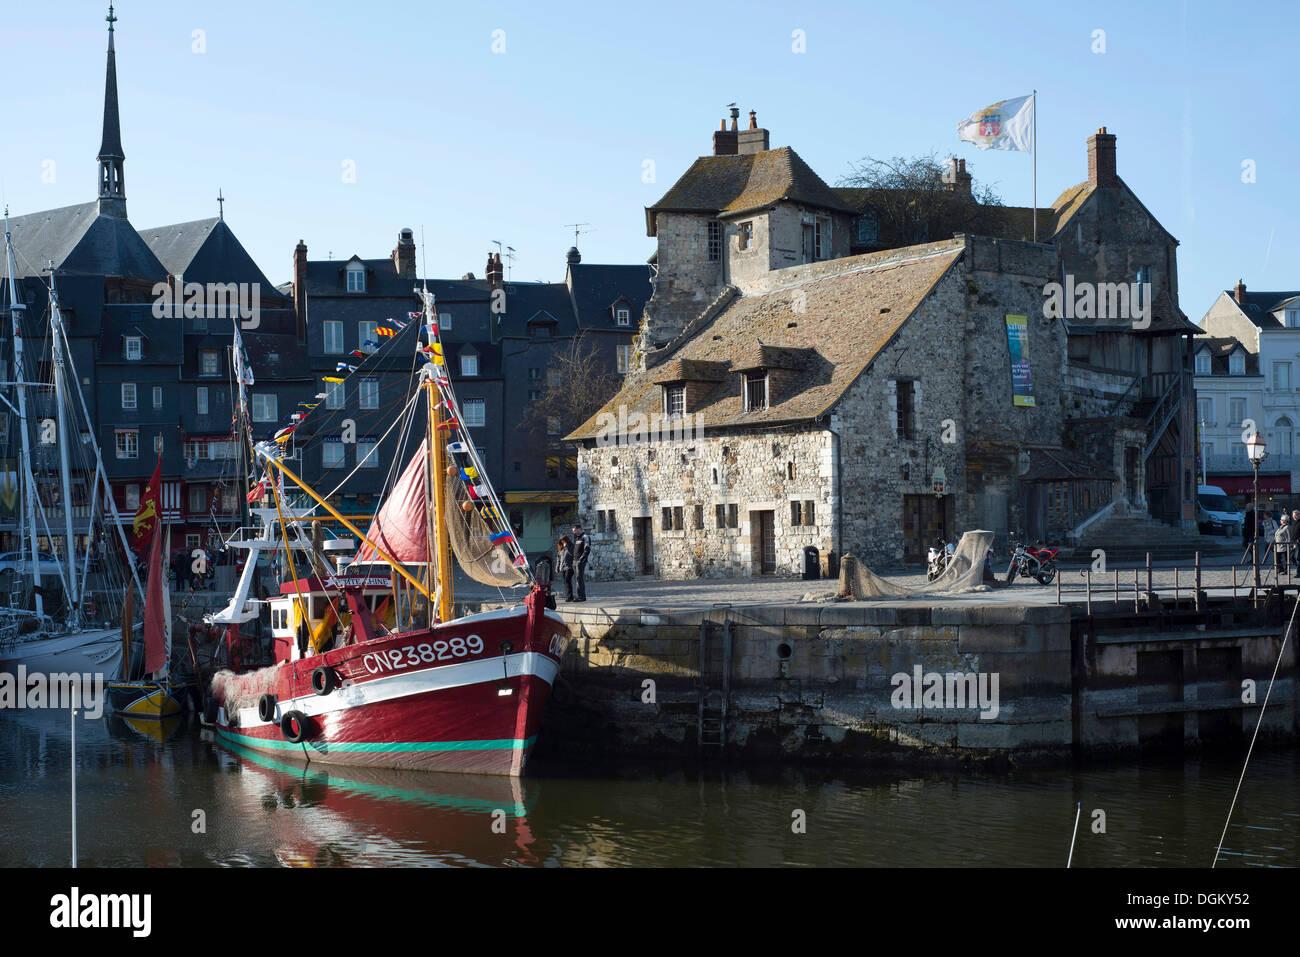 Bassin du port avec un bateau, la porte historique de la ville, Honfleur, Normandie, France, Europe Photo Stock